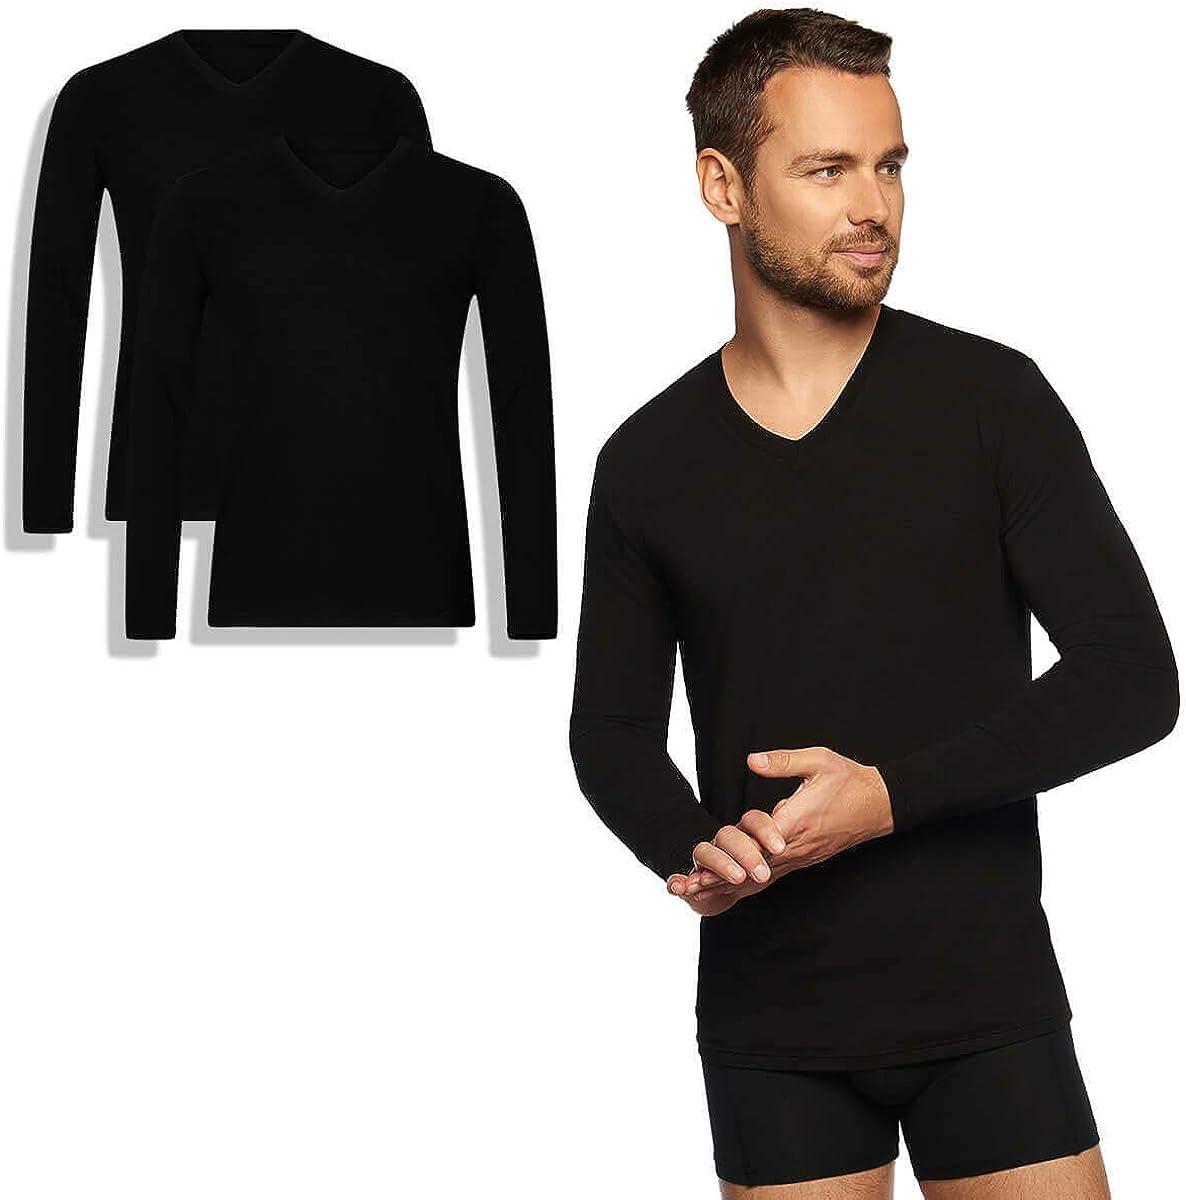 V-Ausschnitt Bamboo Basics Thermo-Komfort S-XXL 2er-Pack Herren Bambus Langarmshirt Extra Lange